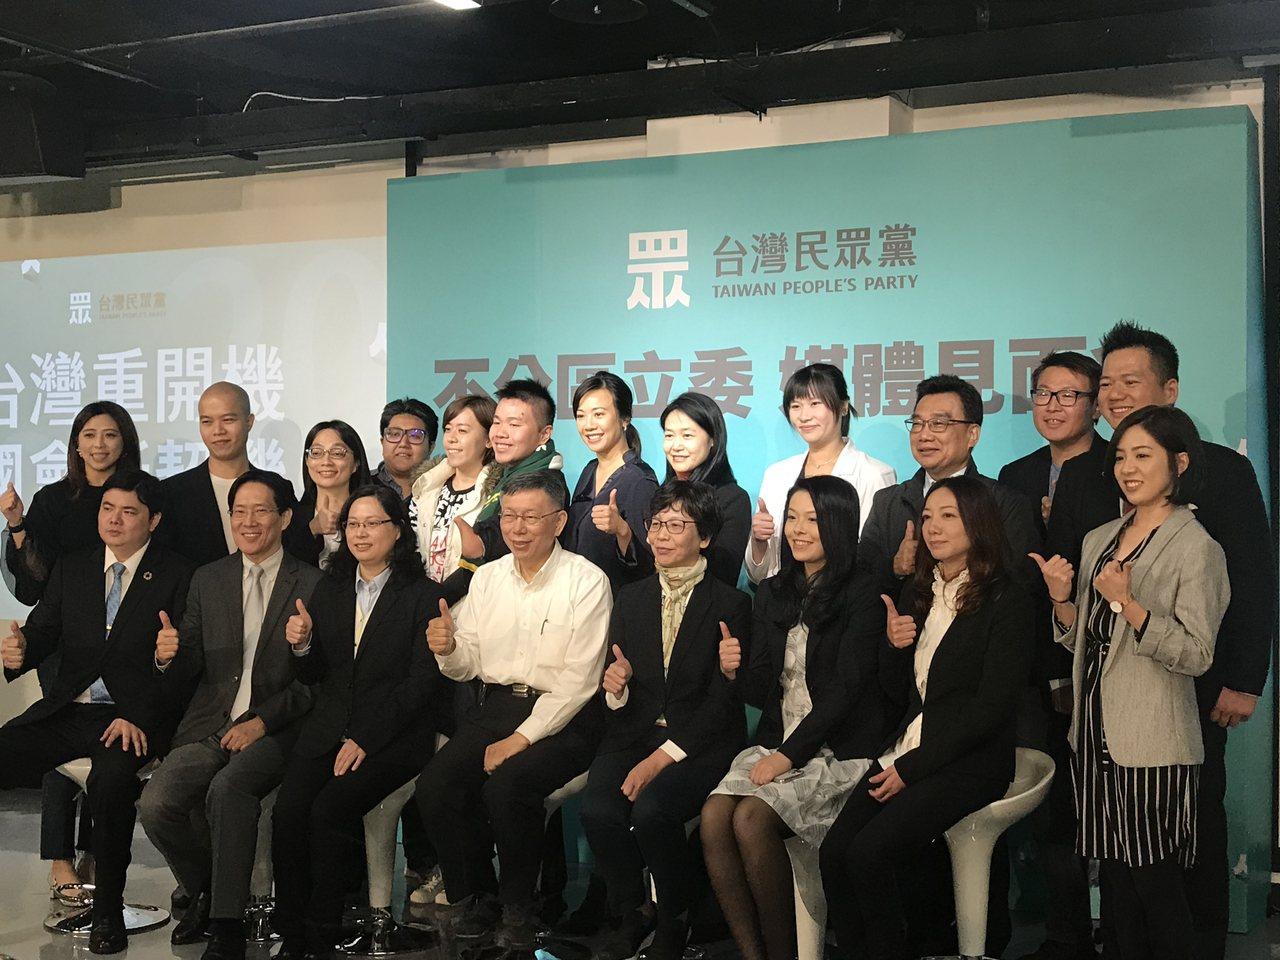 柯文哲籌組民眾黨,日前公布不分區29人名單,但前天1人退出,剩28席。記者楊正海...